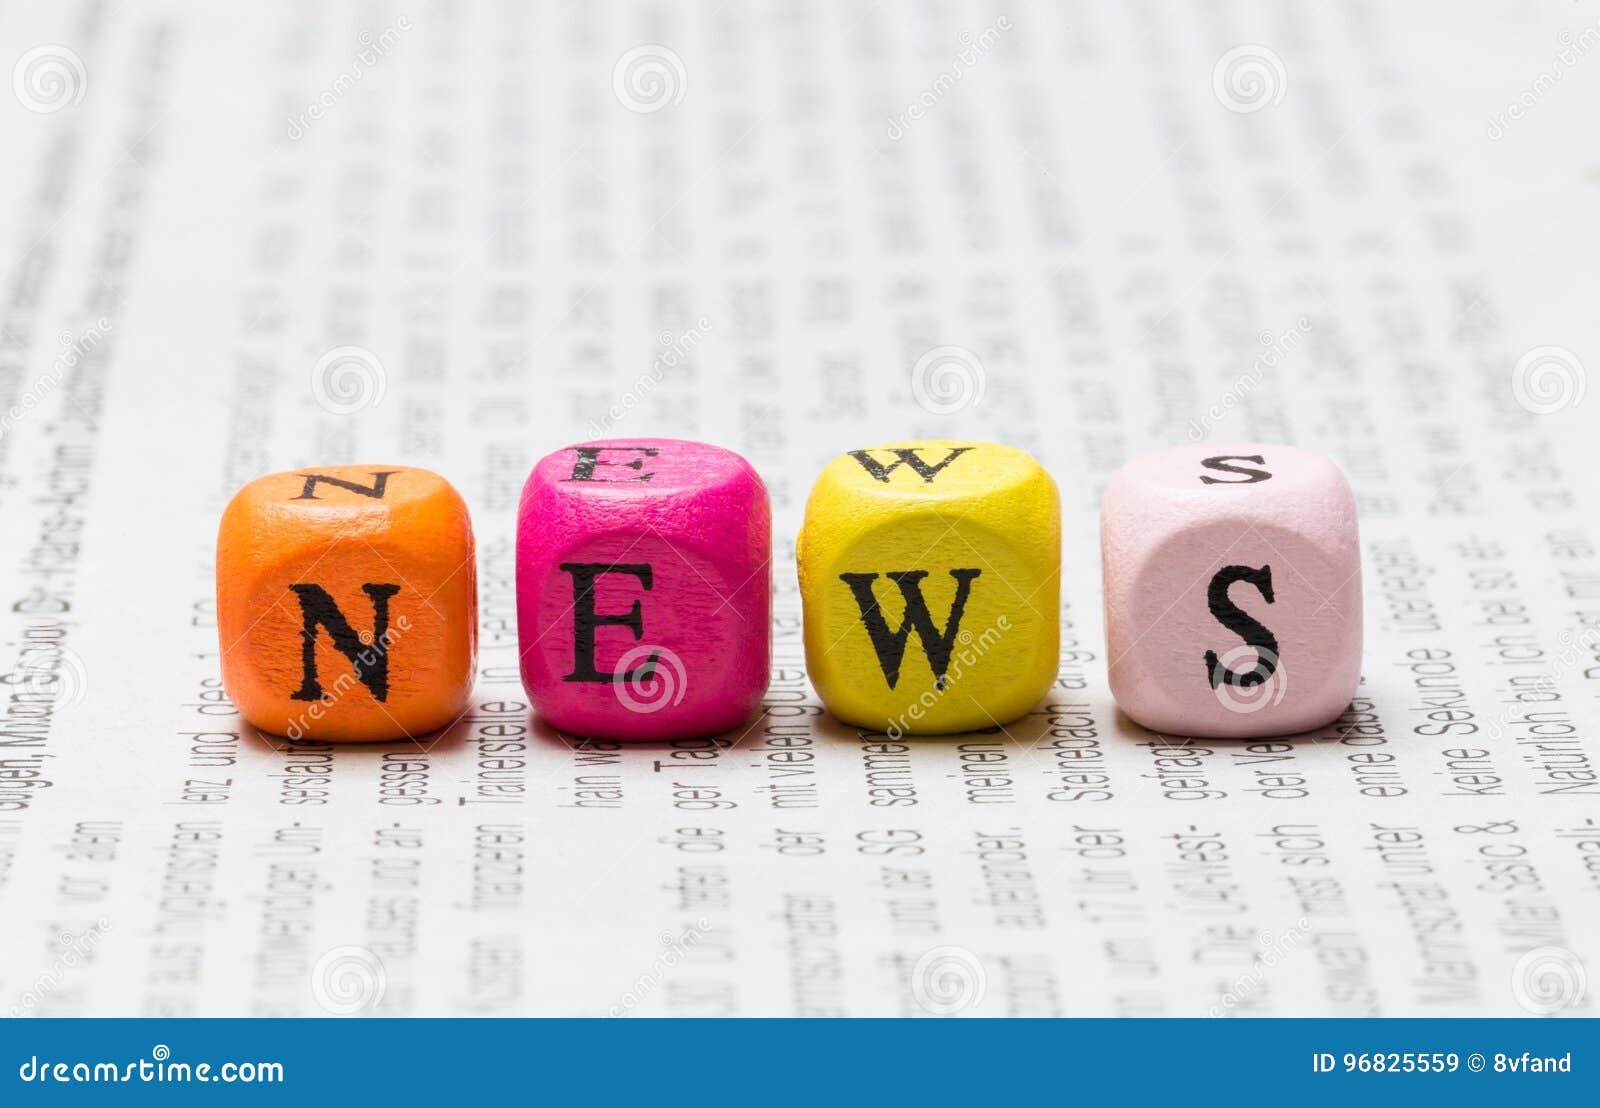 Newsletterwürfel auf Zeitungsmakro